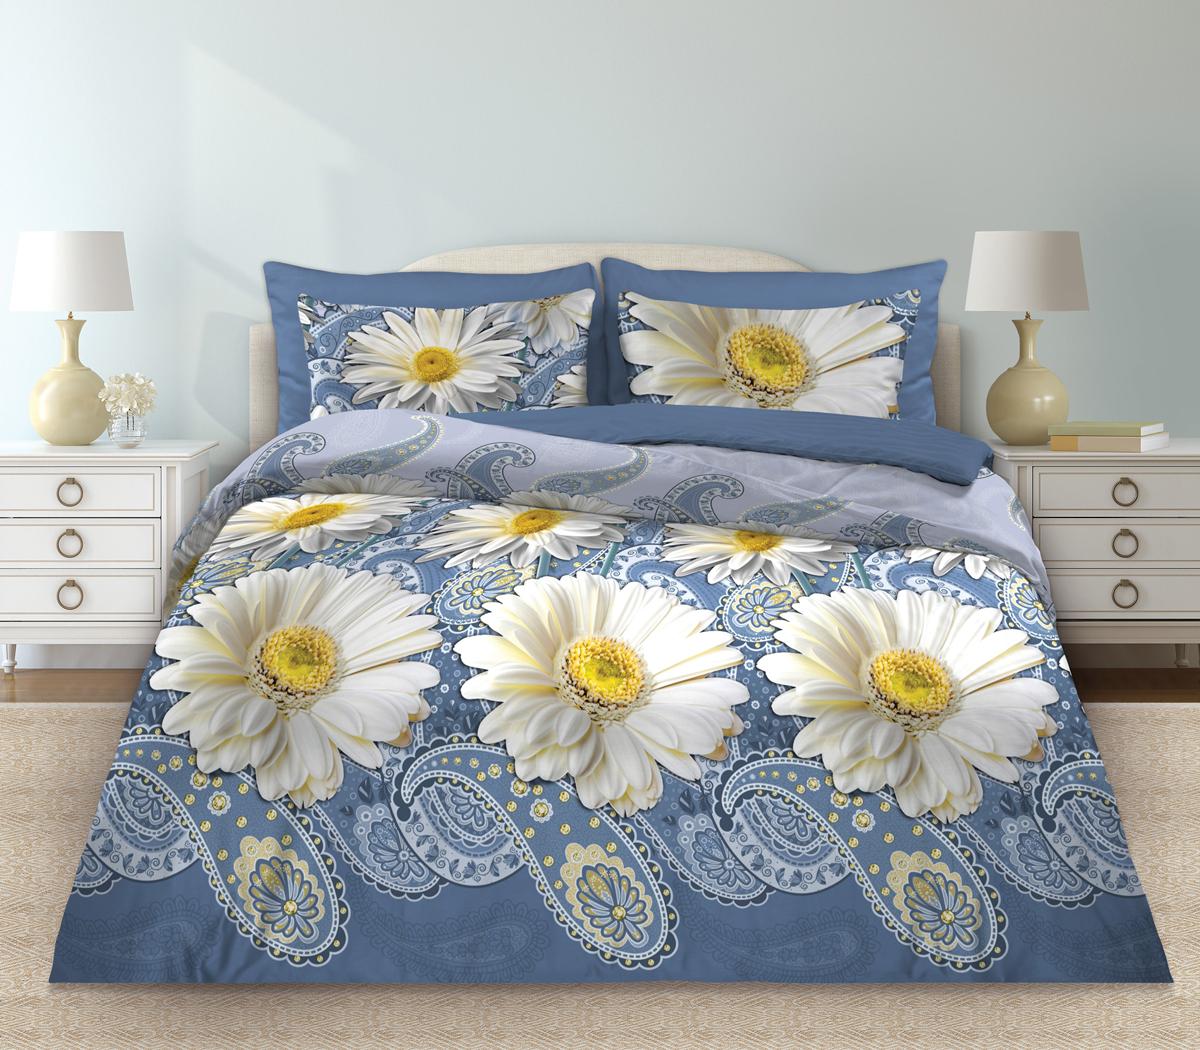 Комплект белья Любимый дом Русский узор, 2-х спальное, наволочки 70 х 70, цвет: голубой. 331118331118Комплект постельного белья коллекции «Любимый дом» - выполнен из высококачественной ткани из 100% хлопка. Такое белье абсолютно натуральное, гипоаллергенное, соответствует строжайшим экологическим нормам безопасности, комфортное, дышащее, не нарушает естественные процессы терморегуляции, прочное, не линяет, не деформируется и не теряет своих красок даже после многочисленных стирок, а также отличается хорошей износостойкостью.